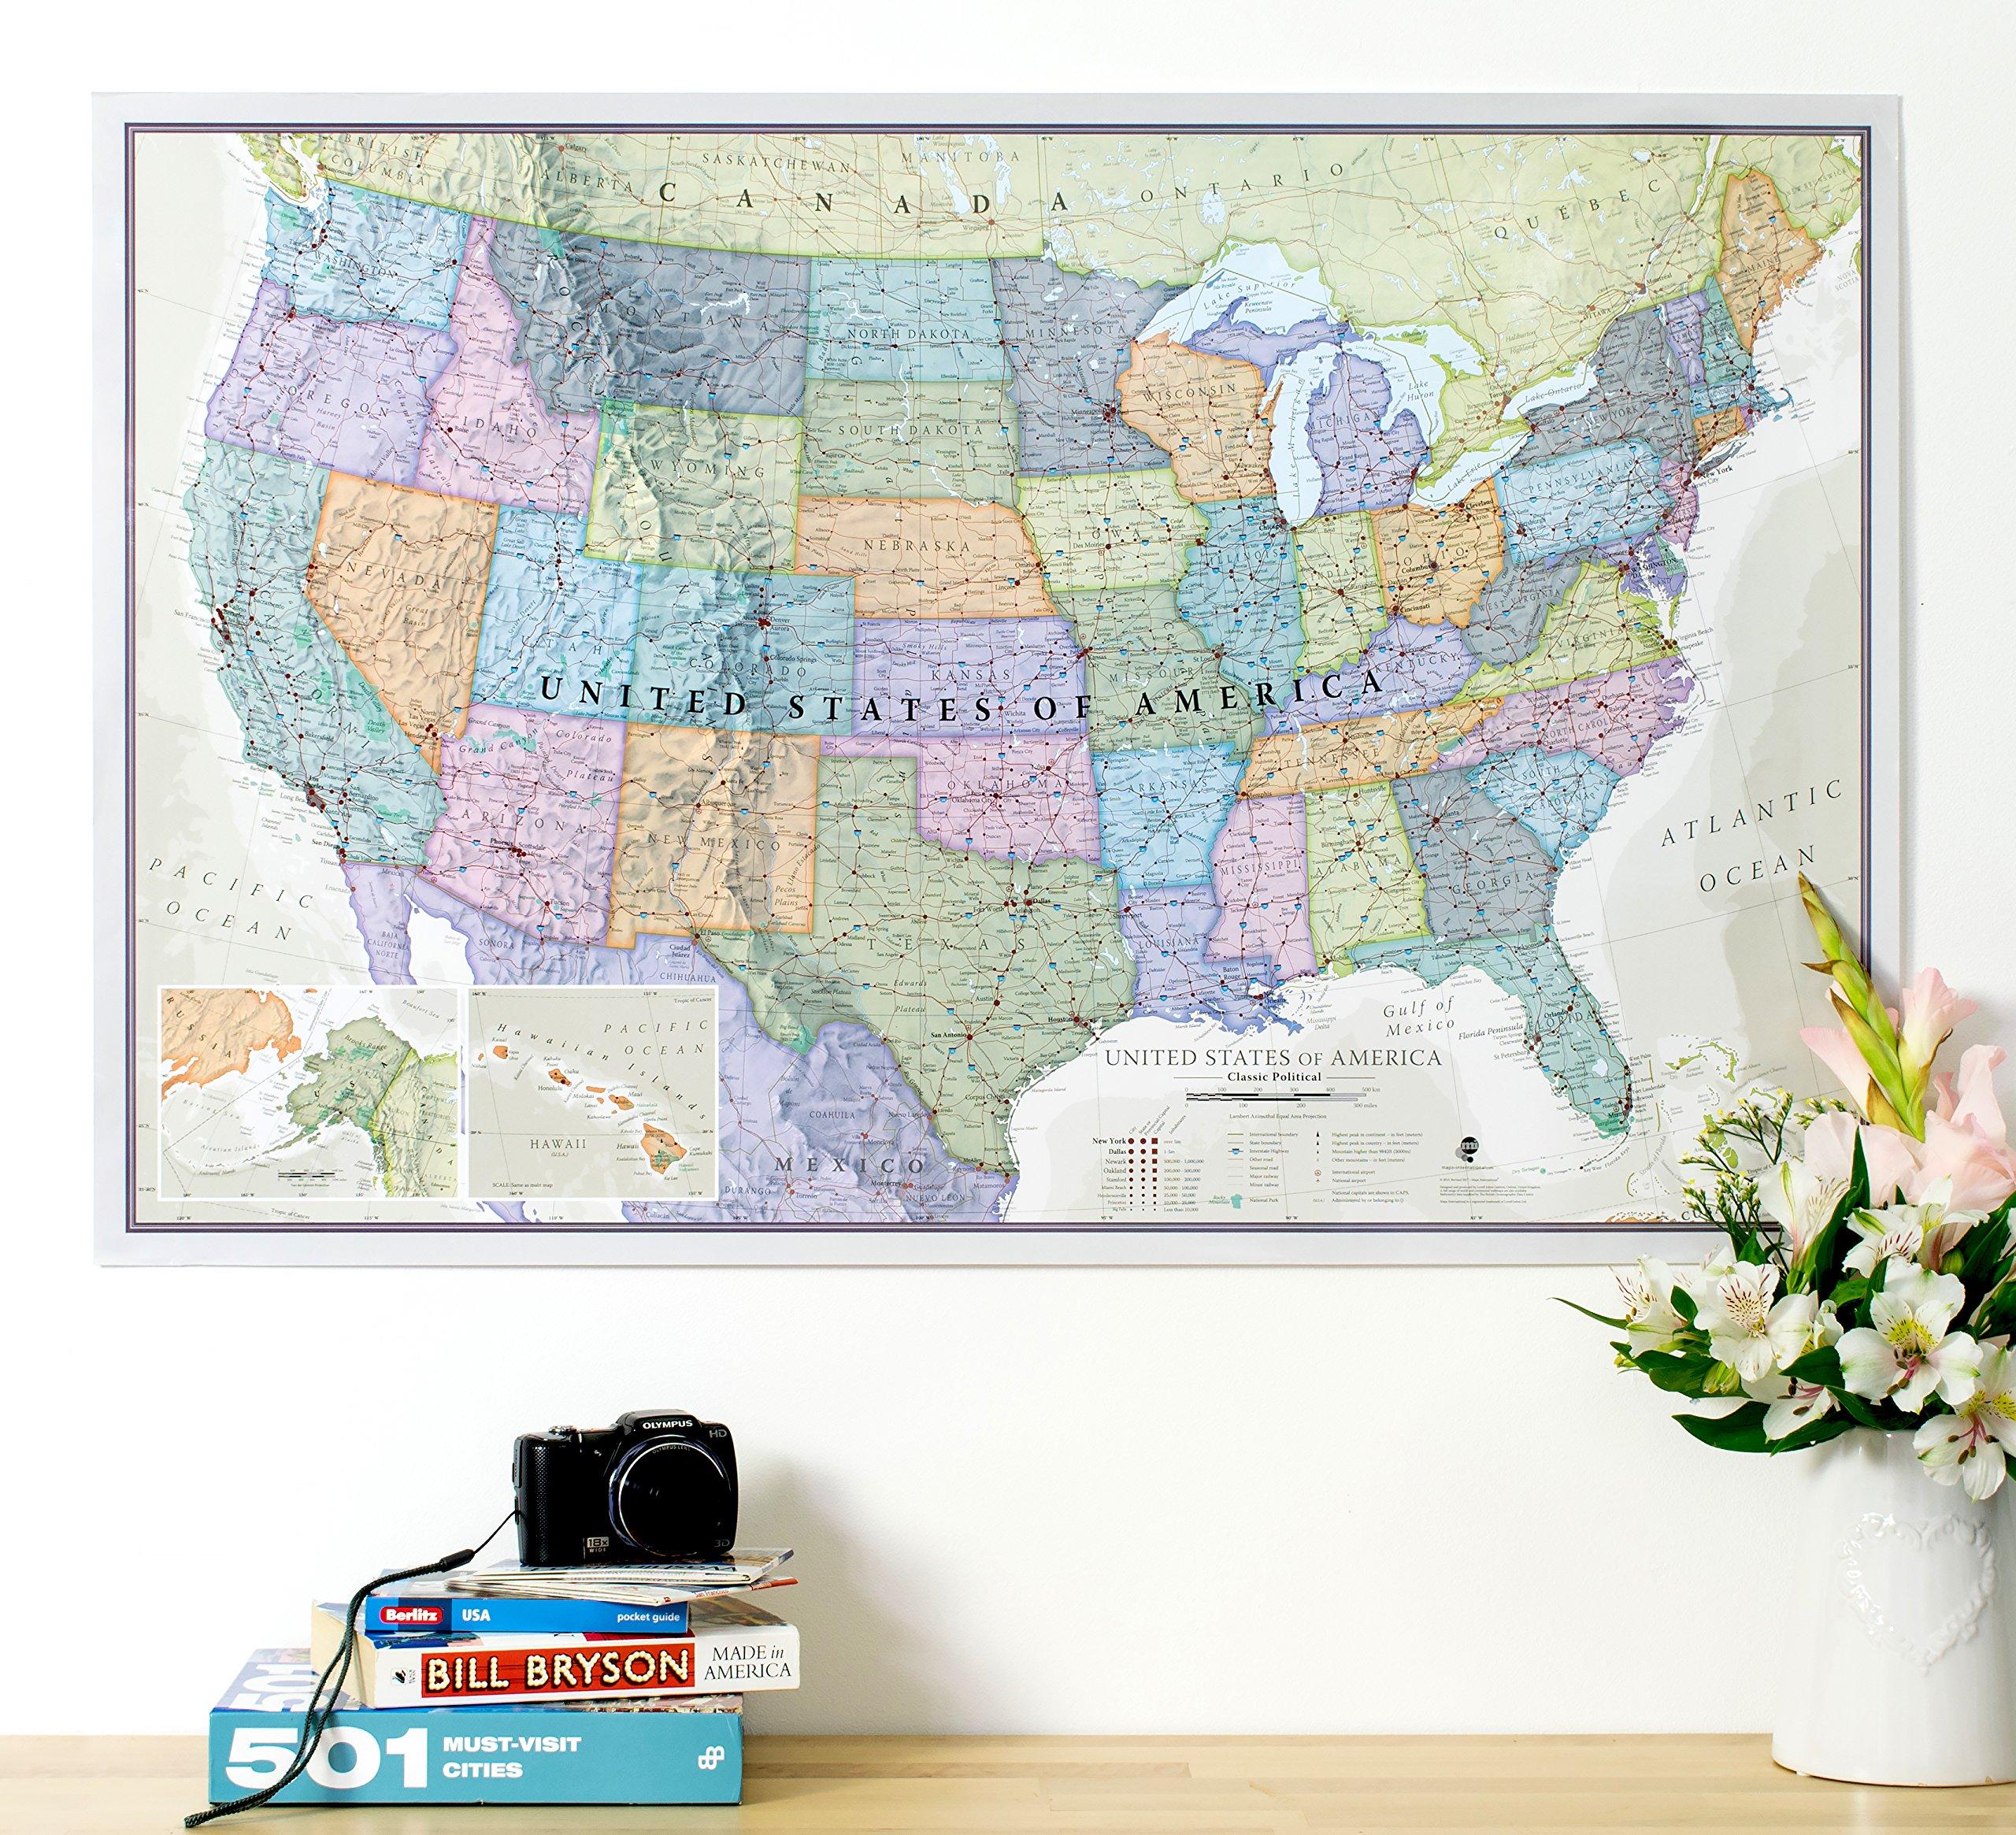 Pa Usa Map.Cheap Usa Map Pa Find Usa Map Pa Deals On Line At Alibaba Com